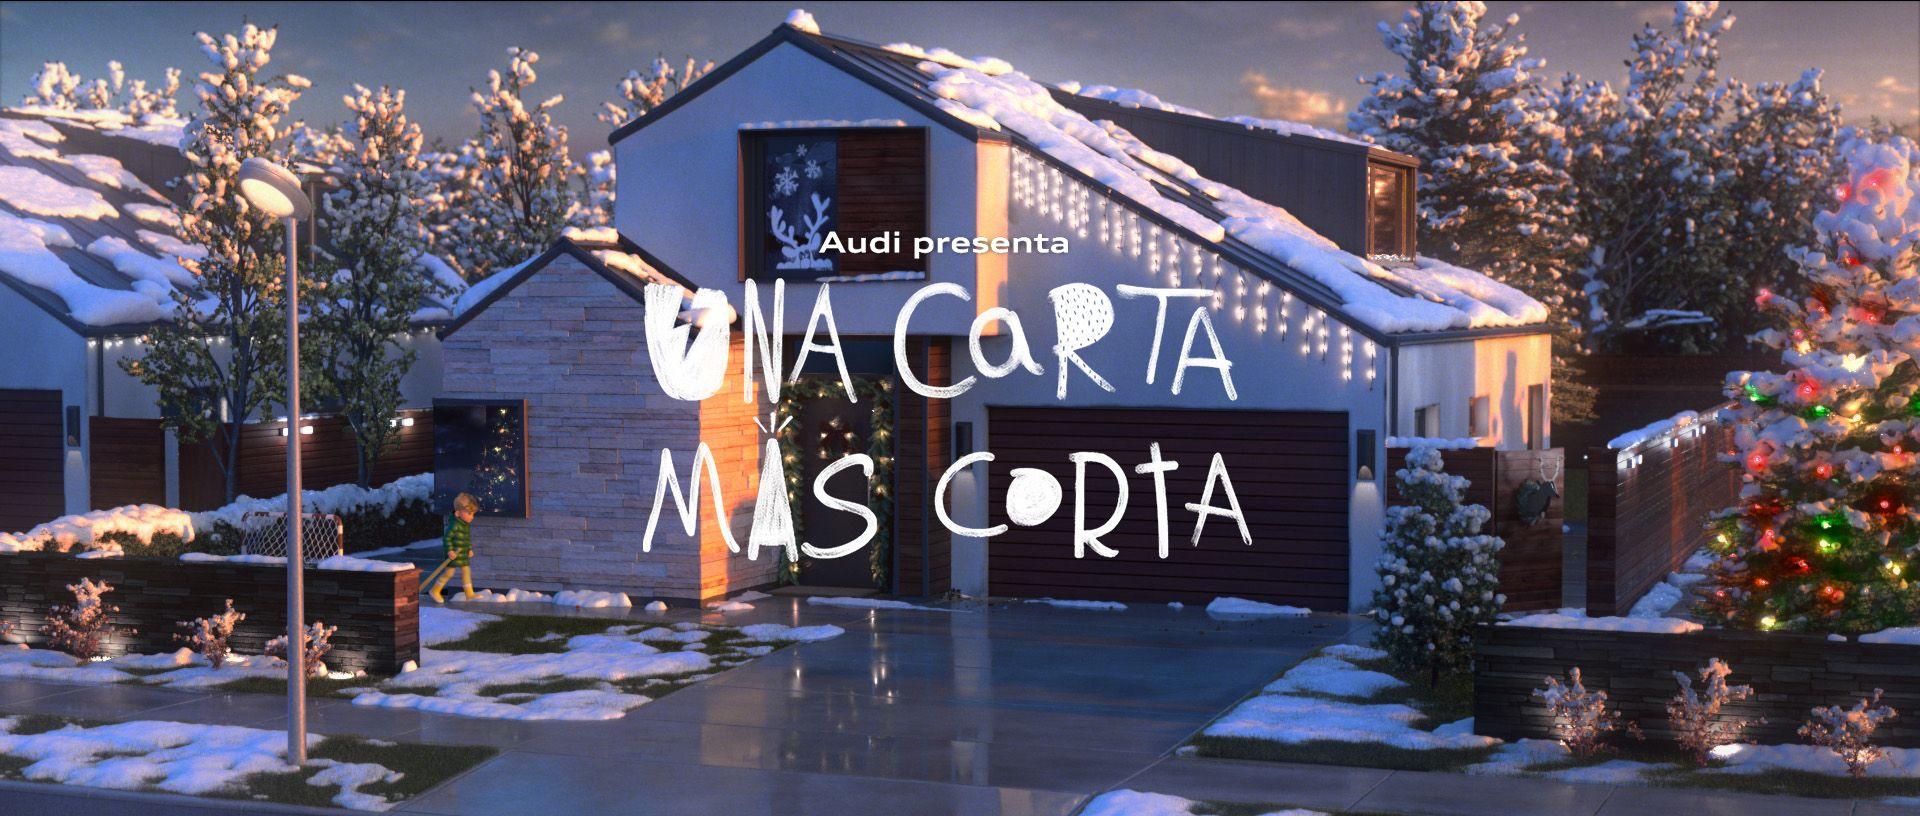 Fotografia Campaña Una Carta Más corta